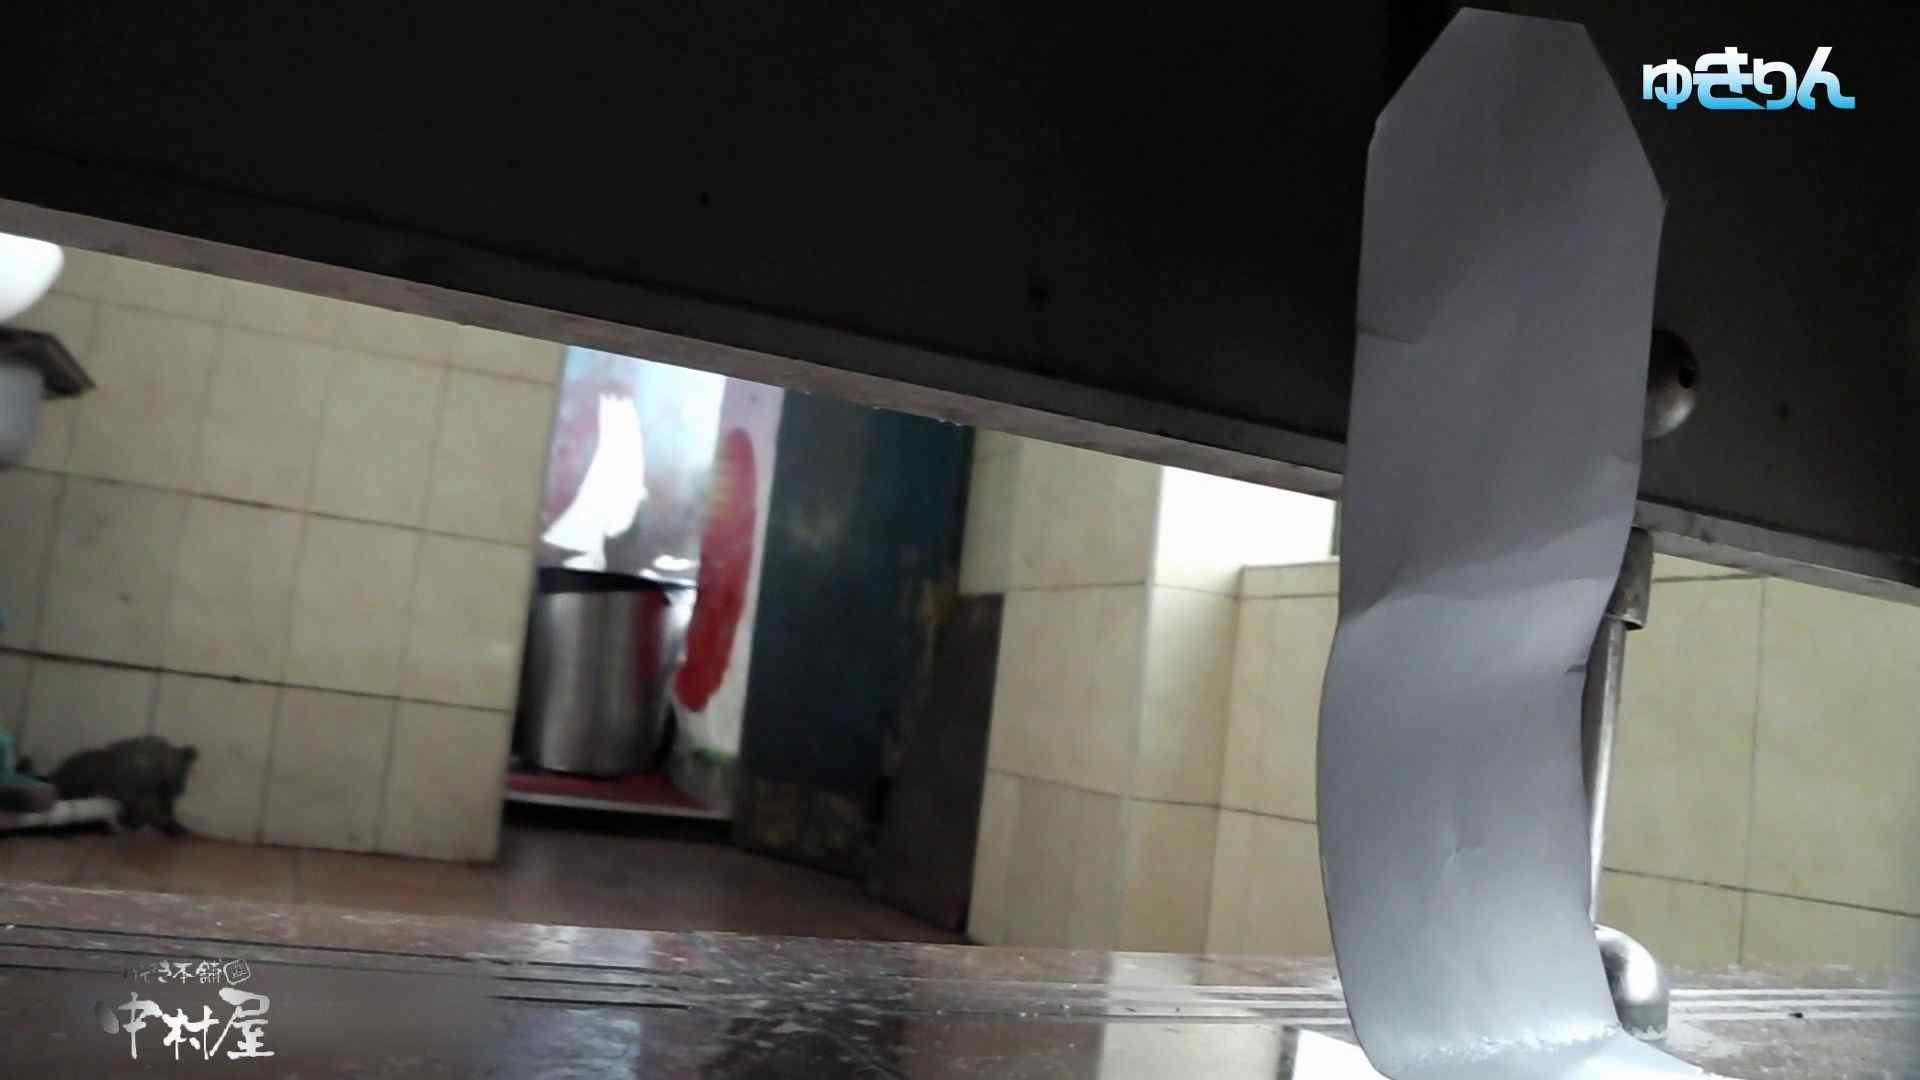 世界の射窓から~ステーション編 vol59 ユキリン奮闘!!新しいカメラに変更しました。中編 OLエロ画像 | 0  101PICs 27